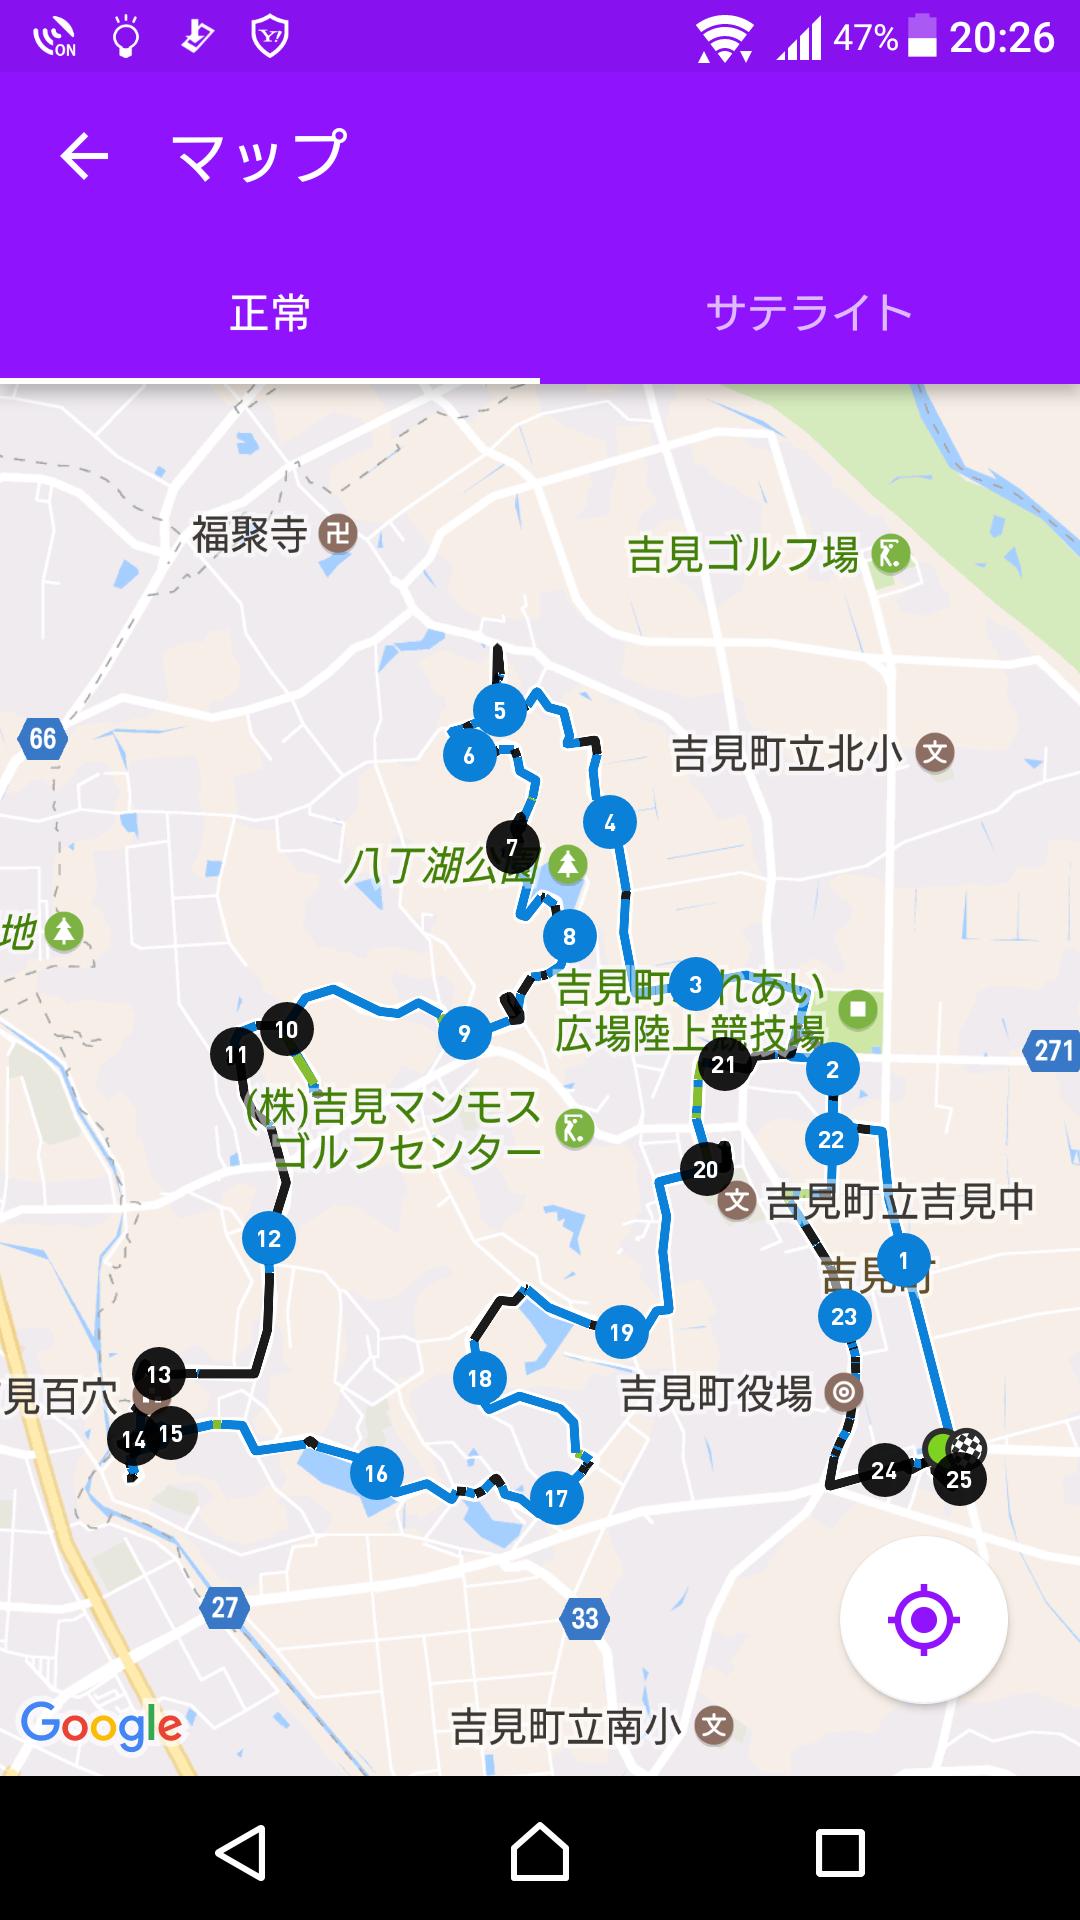 f:id:ynakayama27:20170203202753p:plain